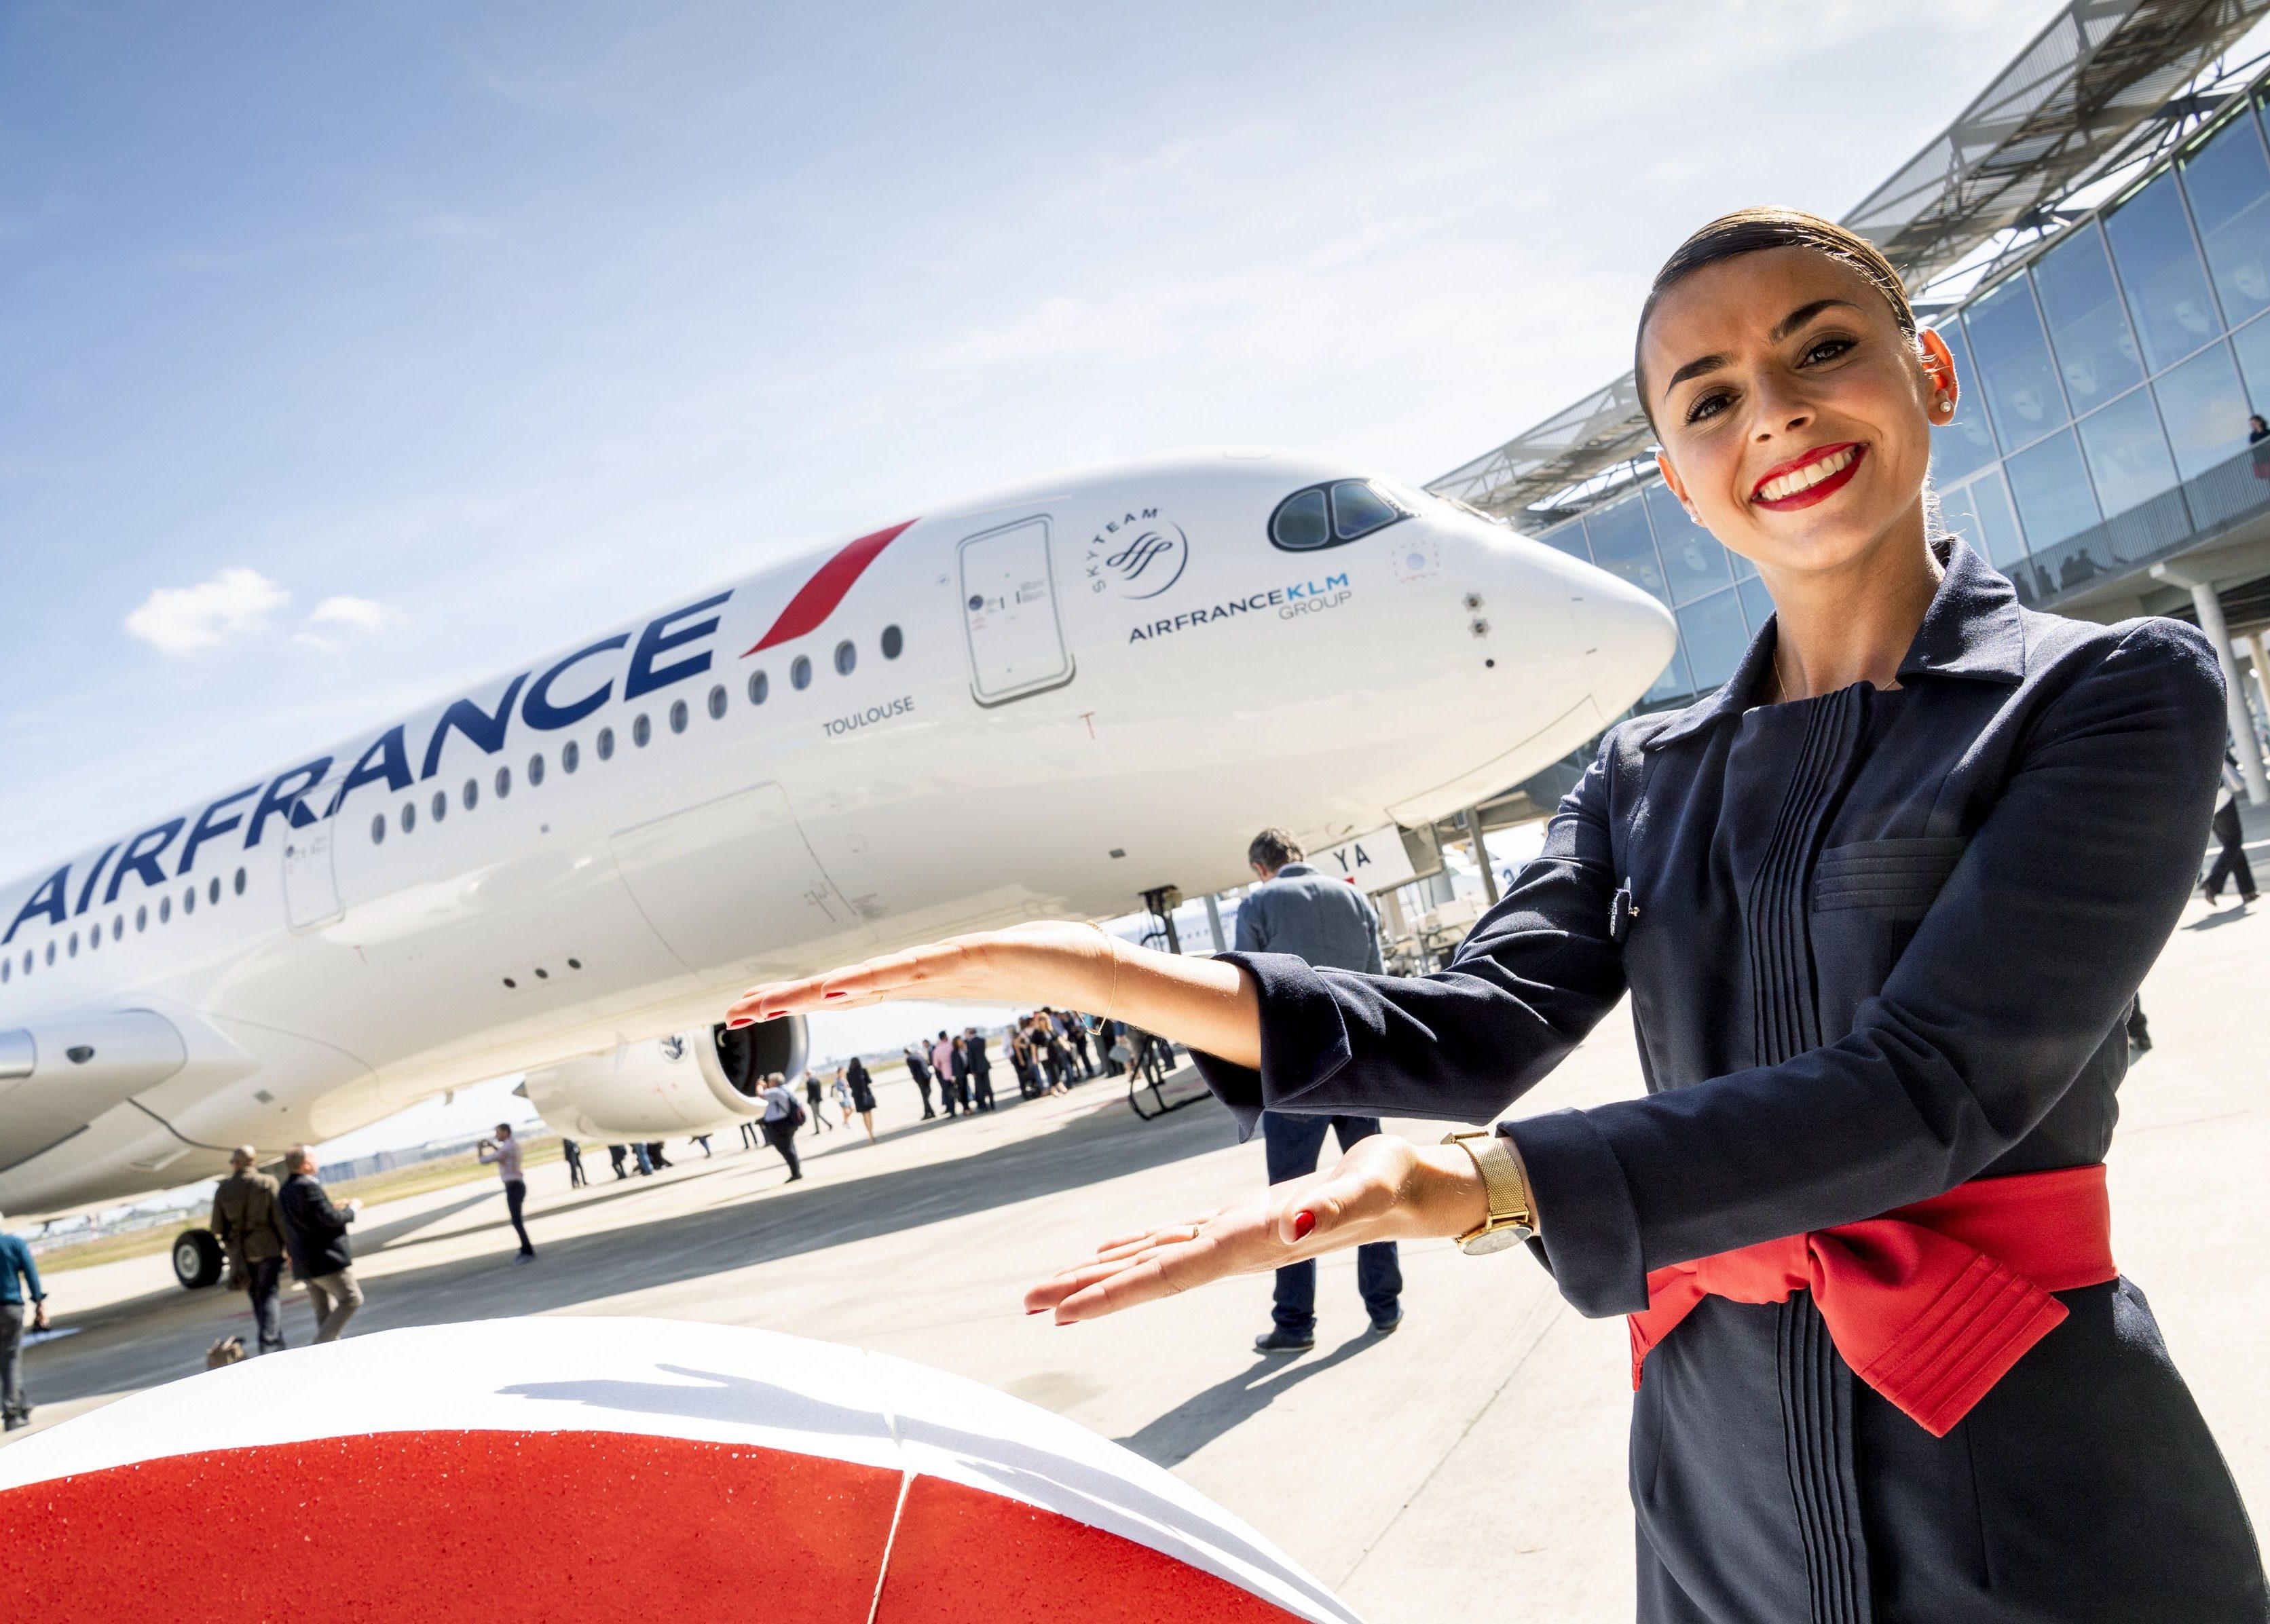 Air Frances nyeste langrutefly er Airbus A350, som selskabet skal have 28 af – leveringerne begyndte dette efterår. I alt har Air France over 110 langrutefly fra Airbus og Boeing. Pressefoto for Airbus: A. Doumenjou, master films.